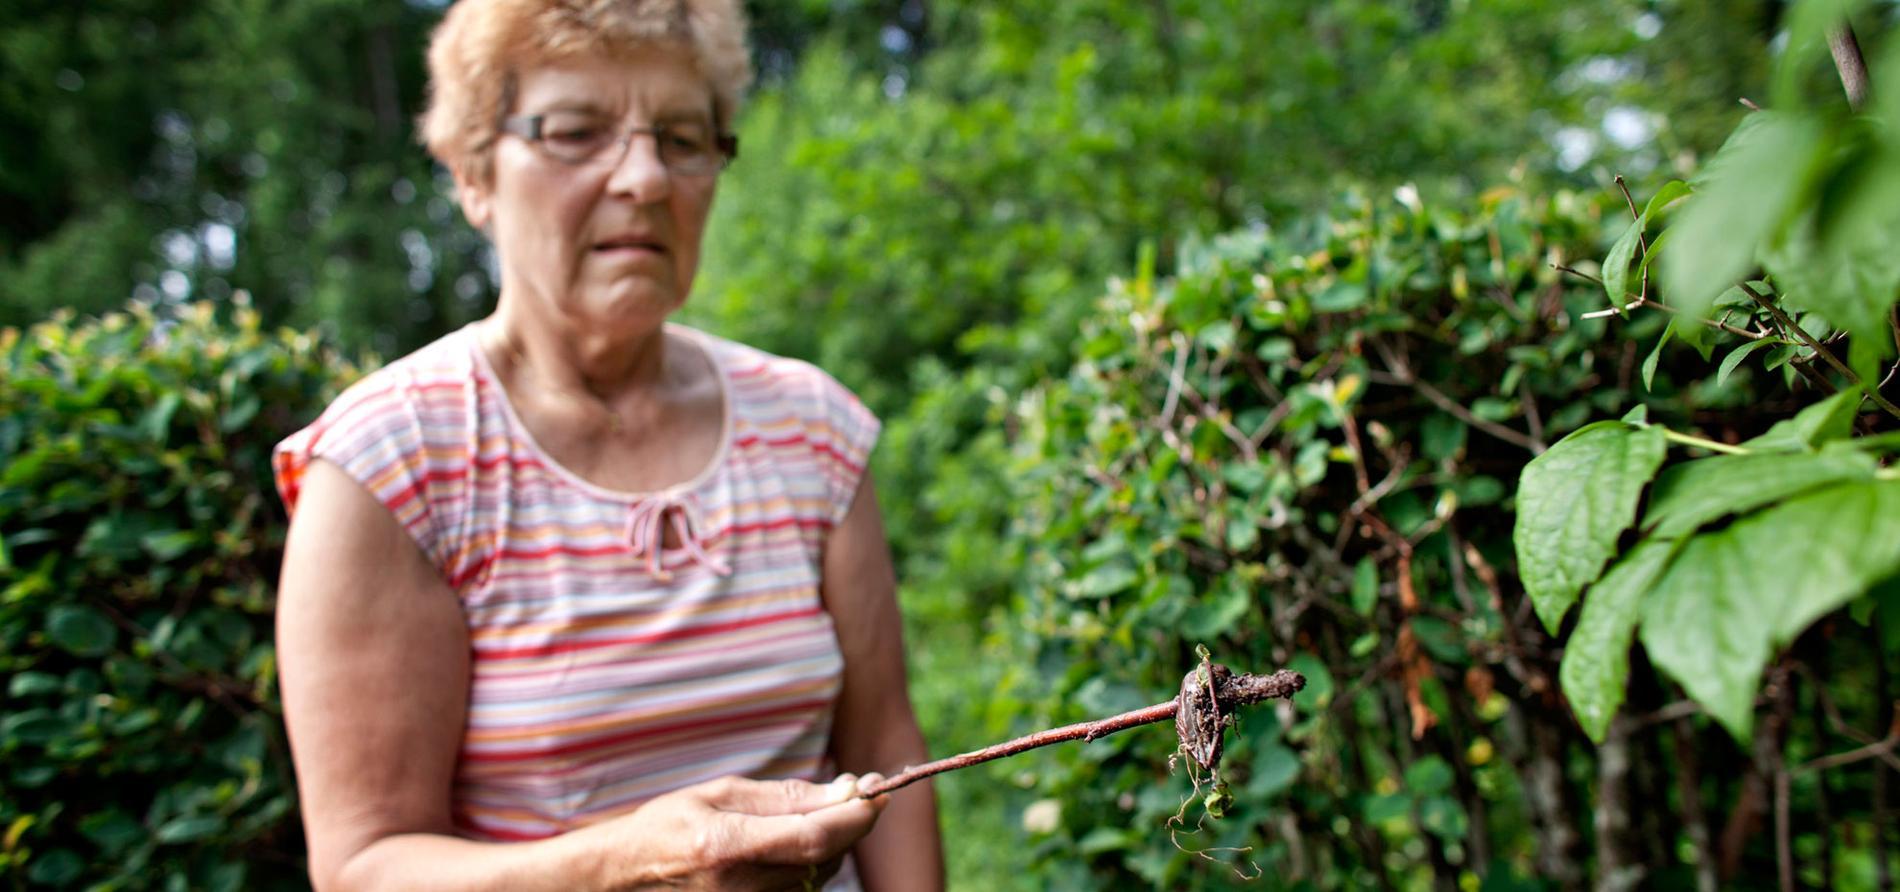 VISAR INGEN NÅD. Hilkka Risberg, 67, håller rent från mördarsniglar i trädgården i Gävle. Dessutom slår hon ihjäl sniglarna hon hittar på sina promenader.